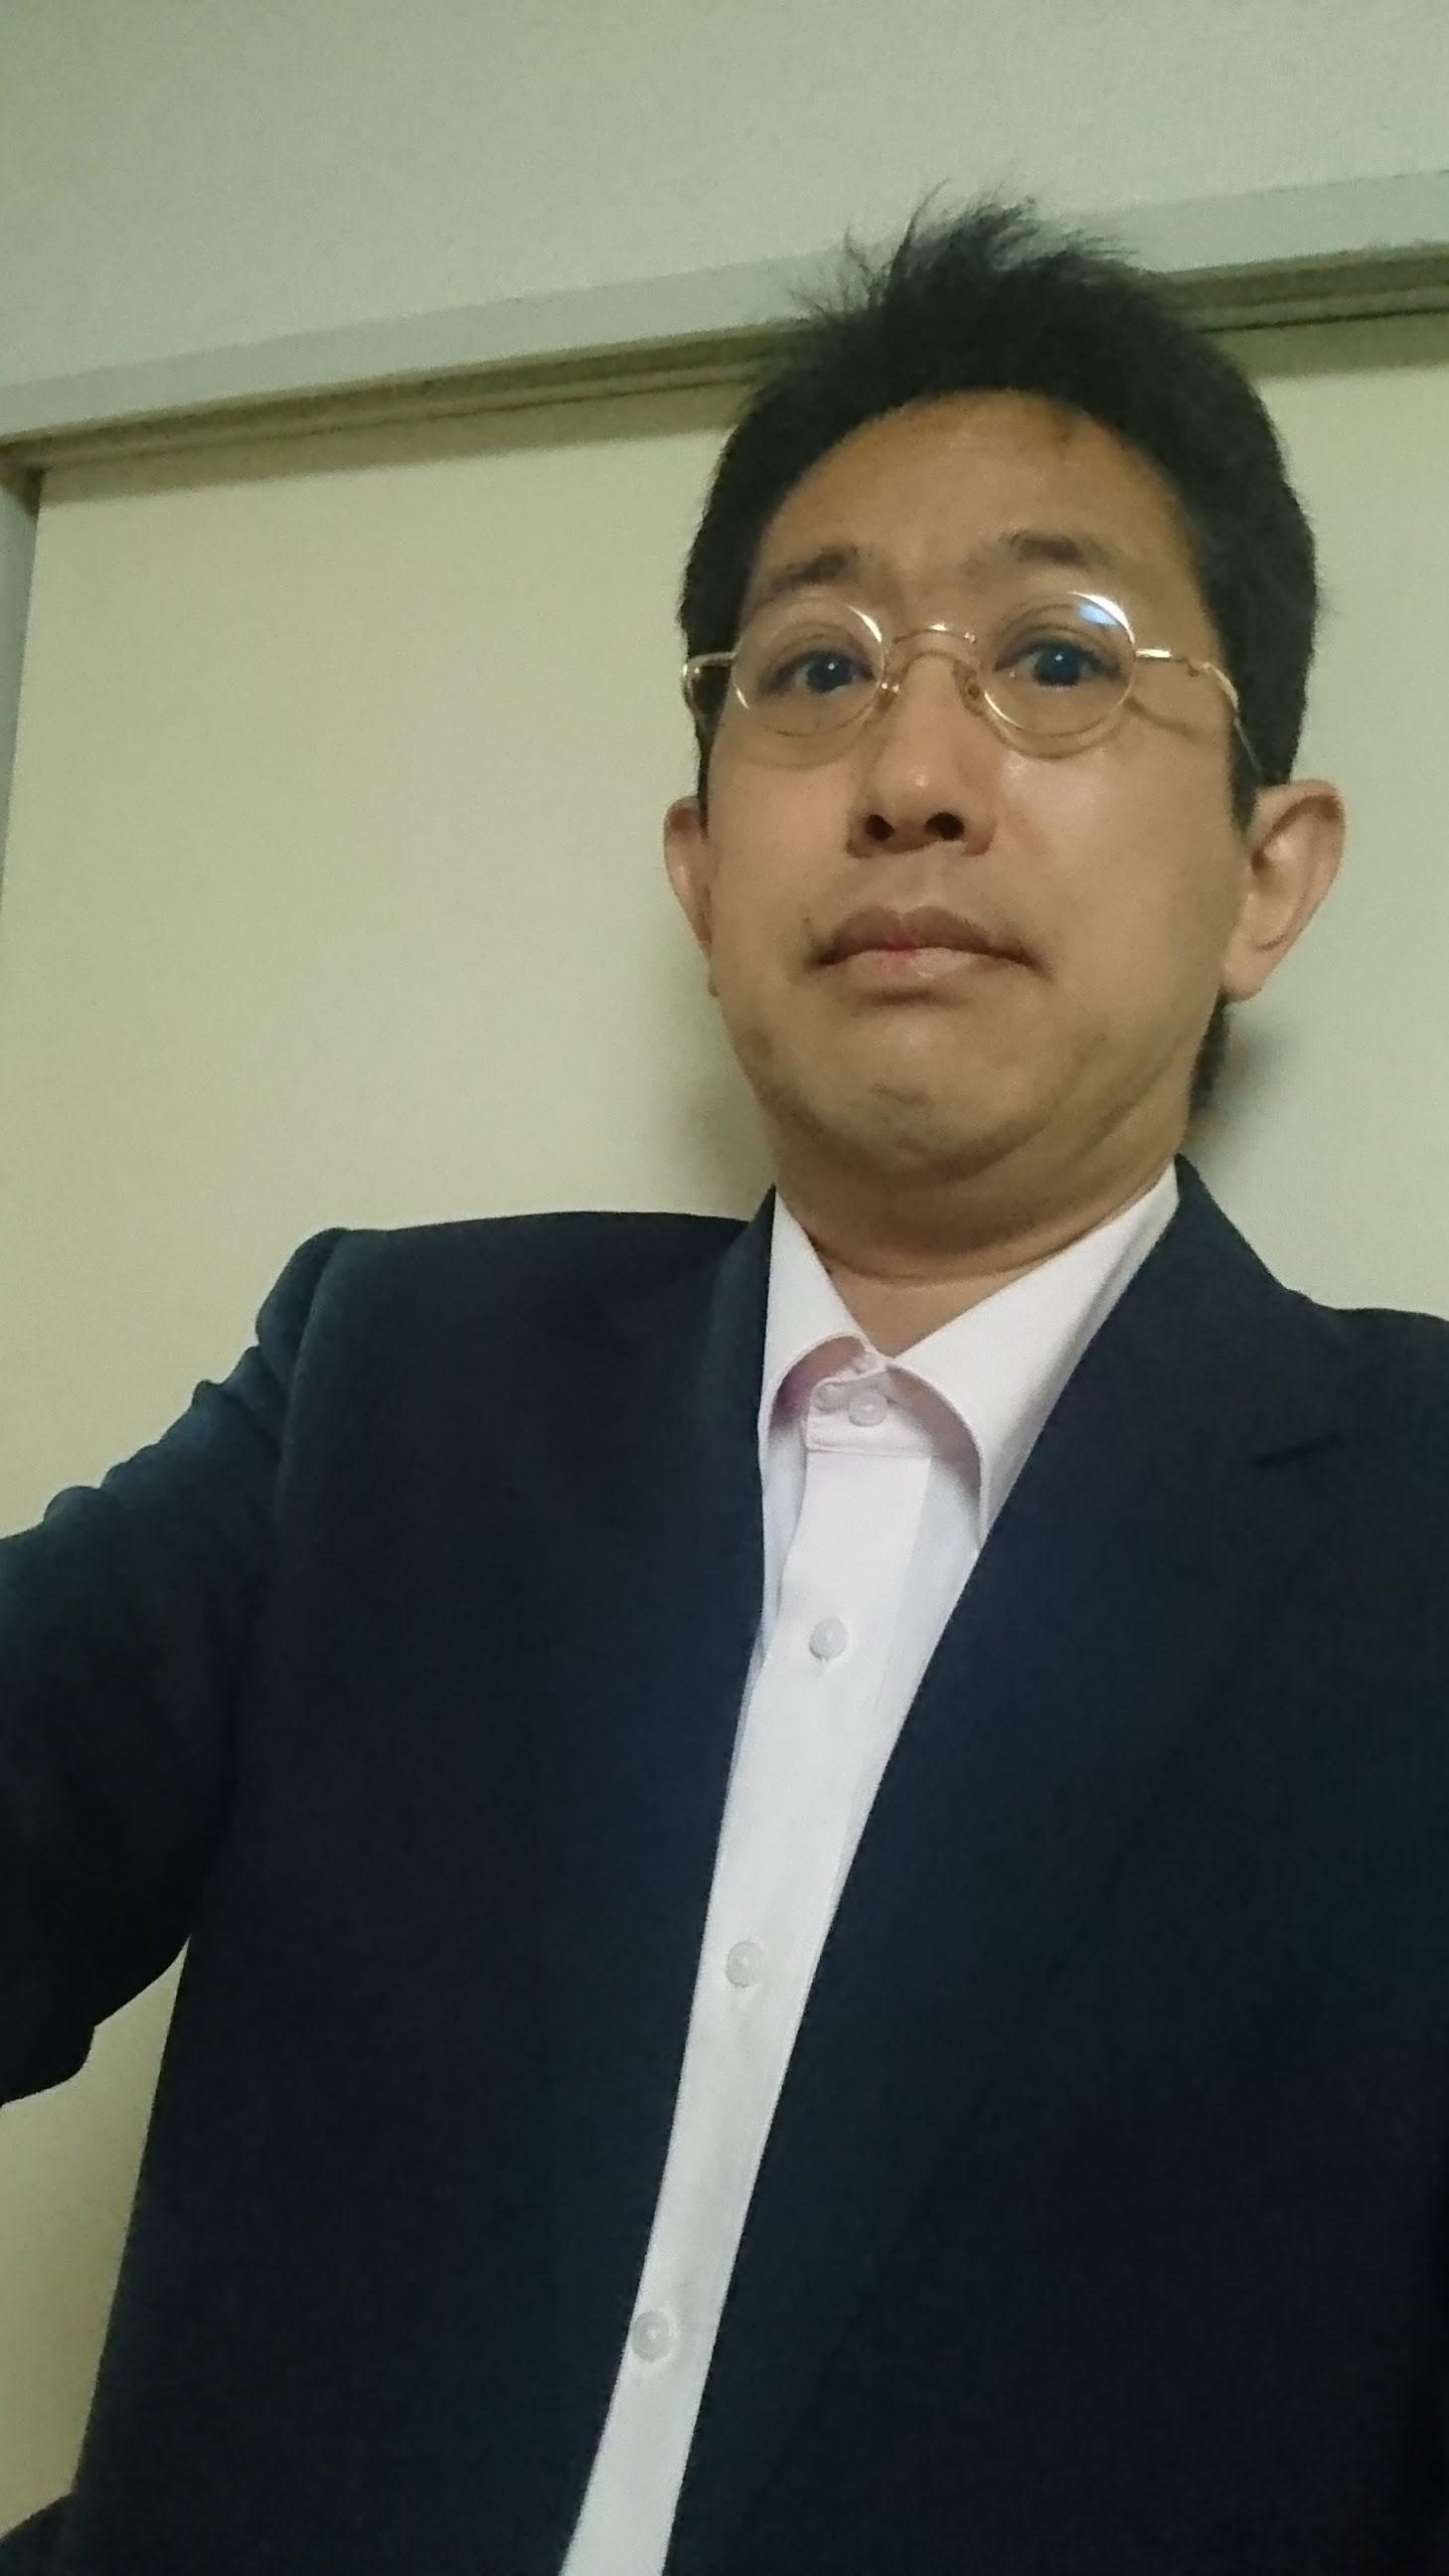 自力で買うスーツ。(いえね、「よれよれの格好では売り込みづらい」と営業さんが申しますもので。)